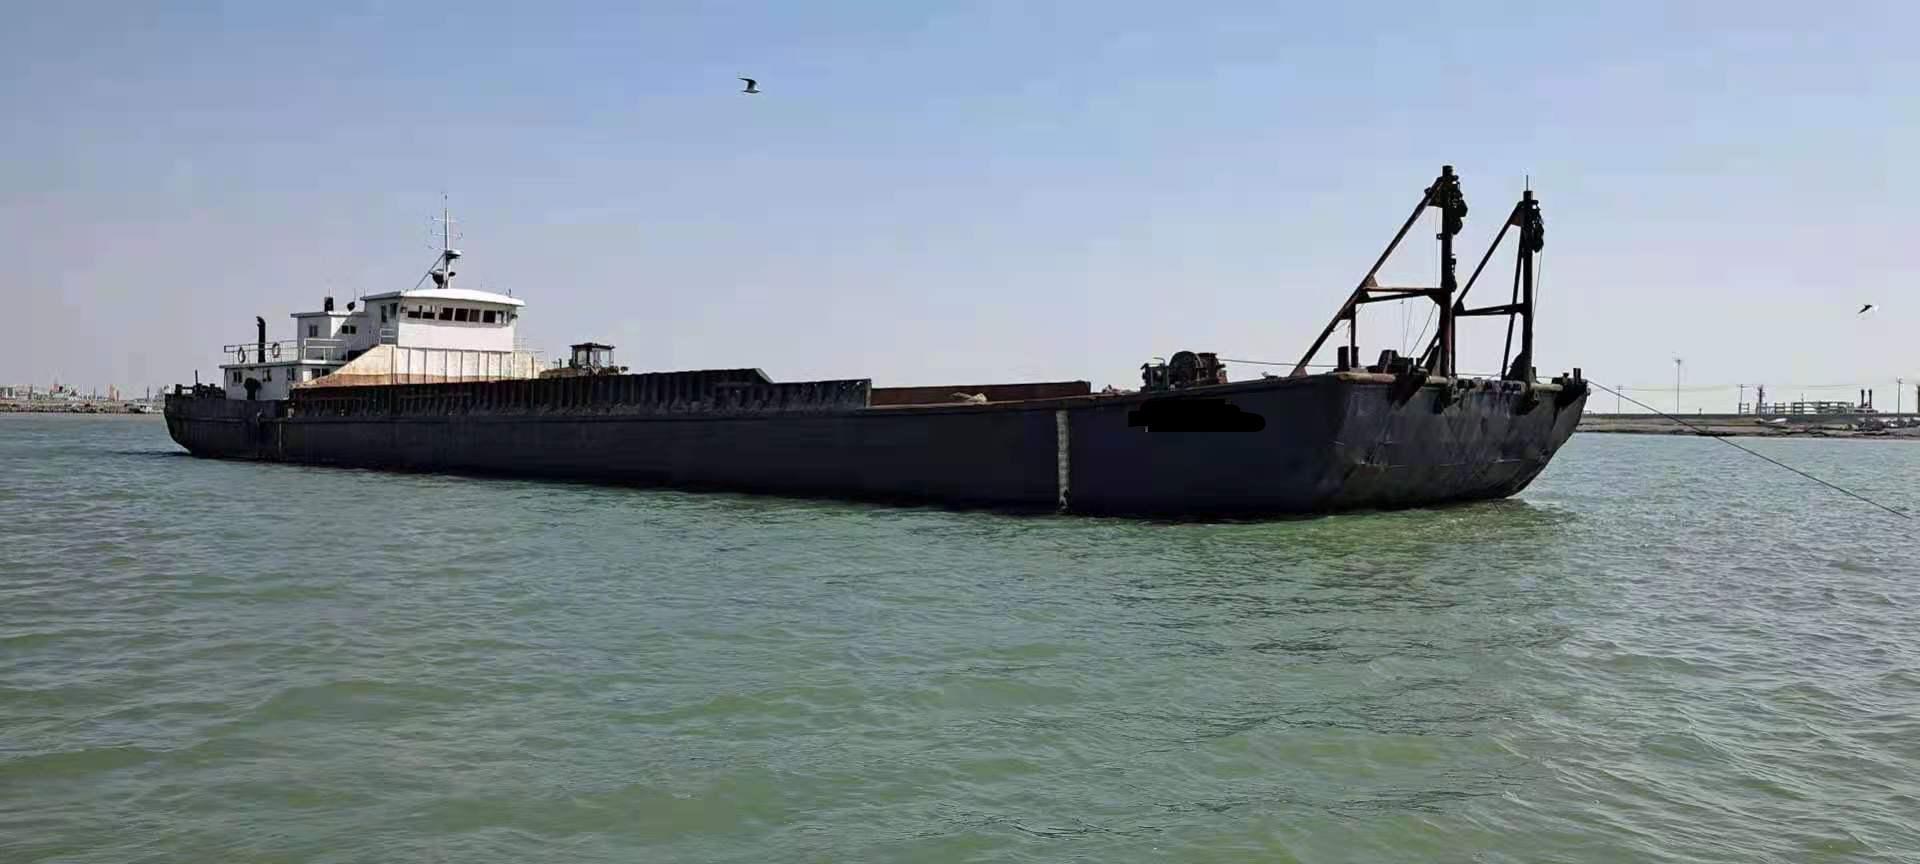 出售1300吨甲板驳